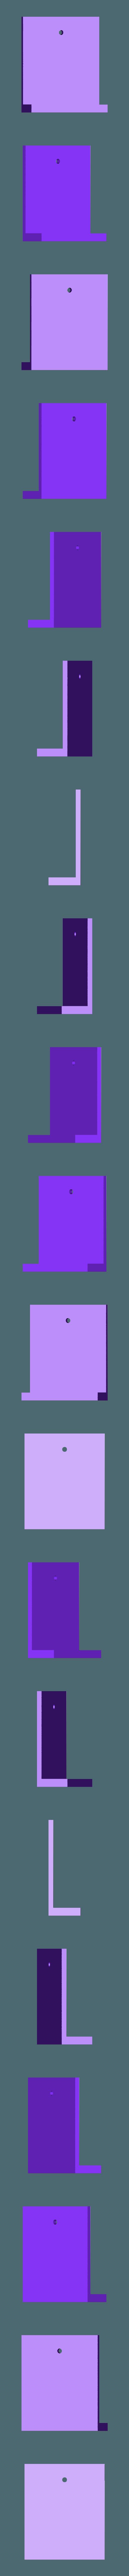 gear_mount.STL Télécharger fichier STL gratuit Réducteurs à engrenages modulaires • Design pour impression 3D, Wachet